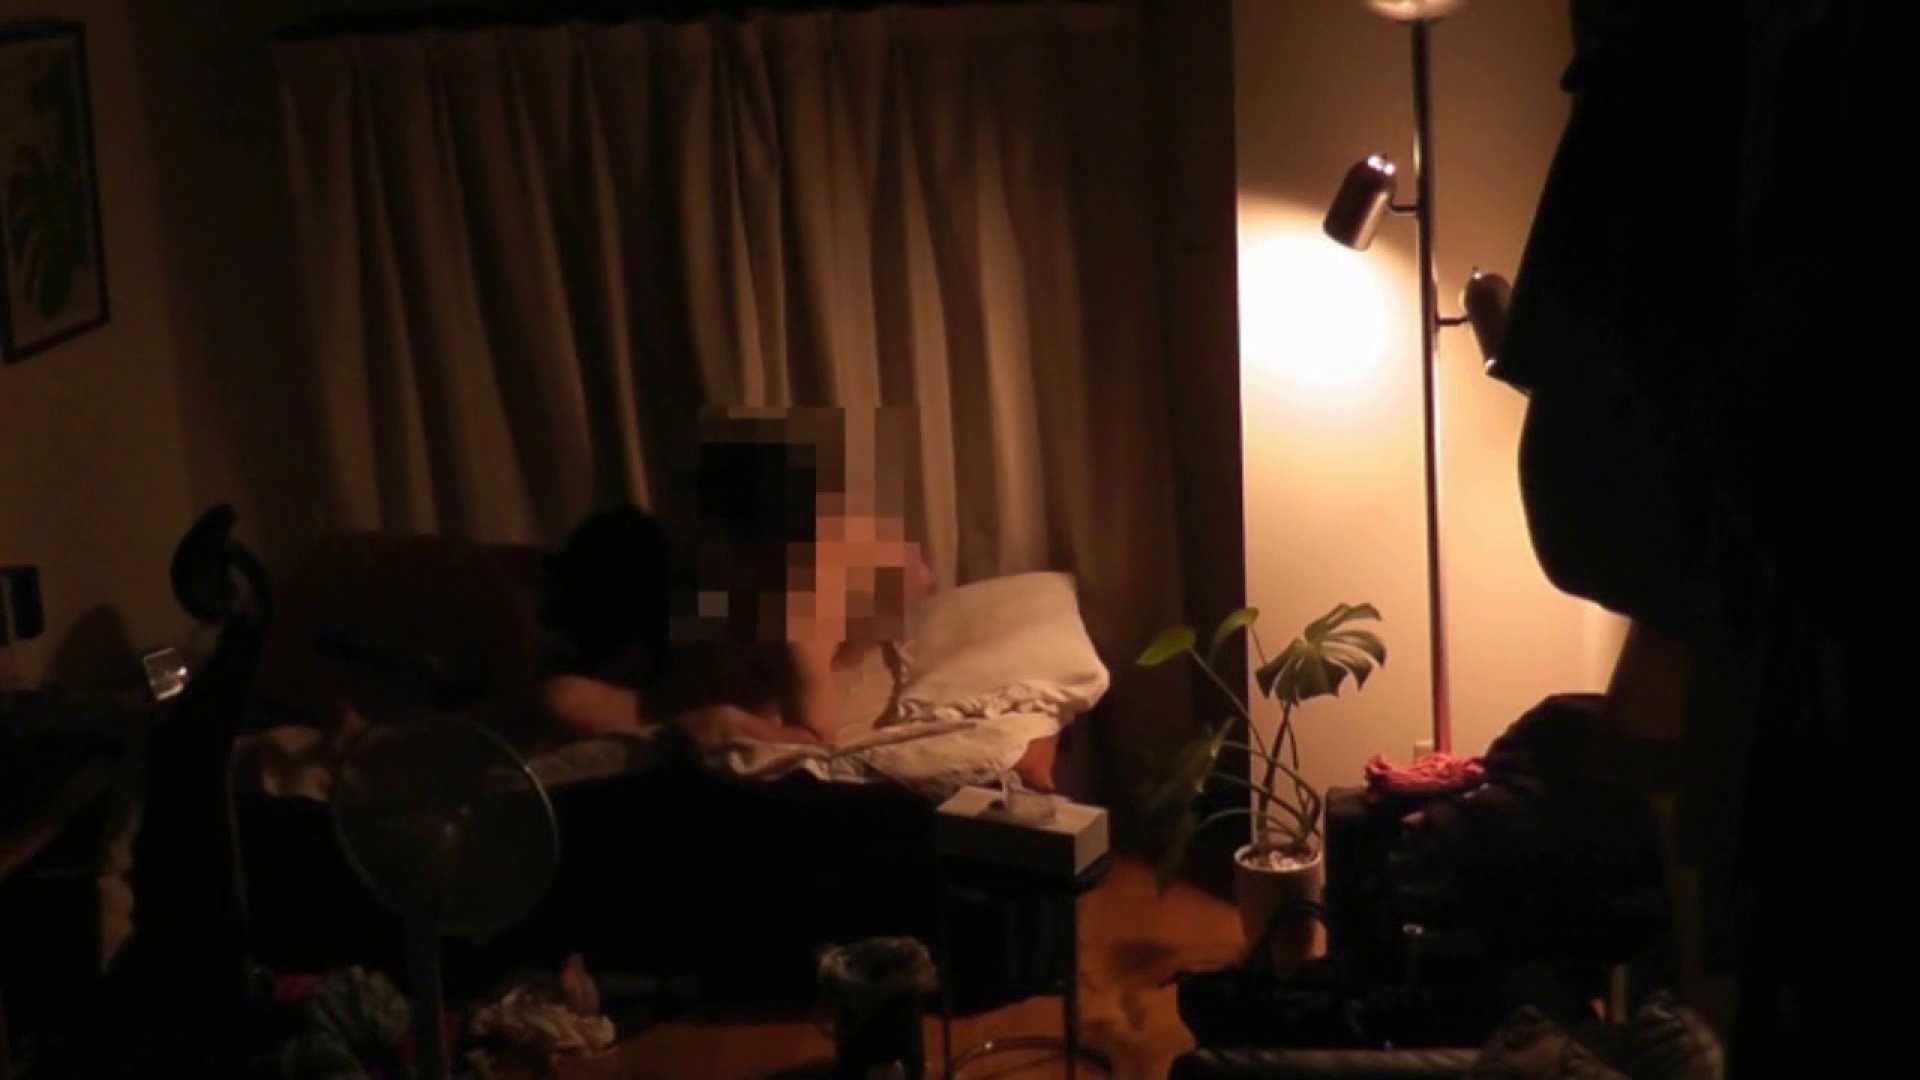 美女だらけのプライベートSEXvol.1 OLの裸事情 オマンコ無修正動画無料 107枚 52